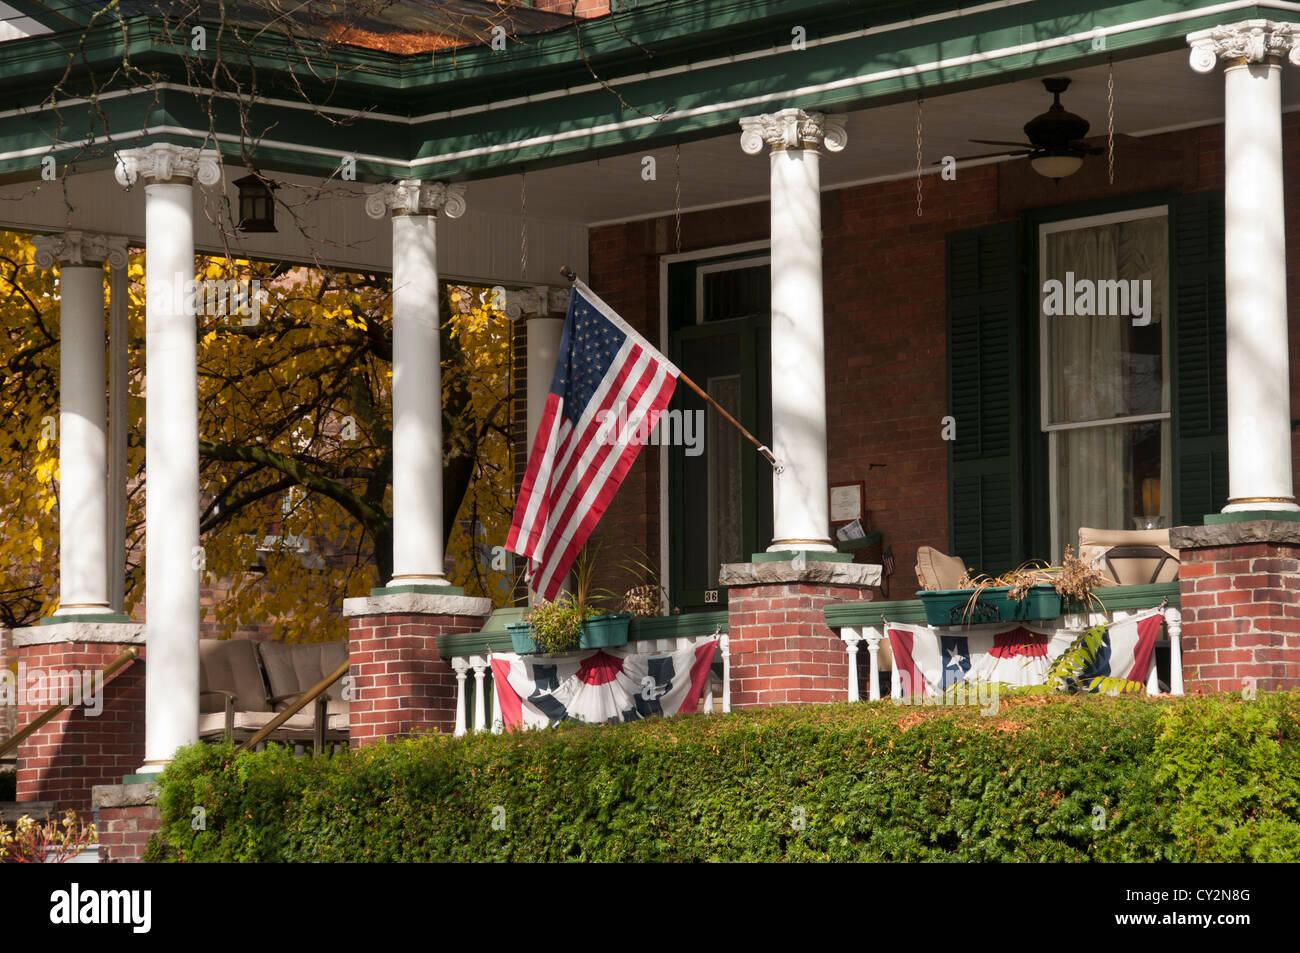 Waterloo NY USA Main Street. - Stock Image